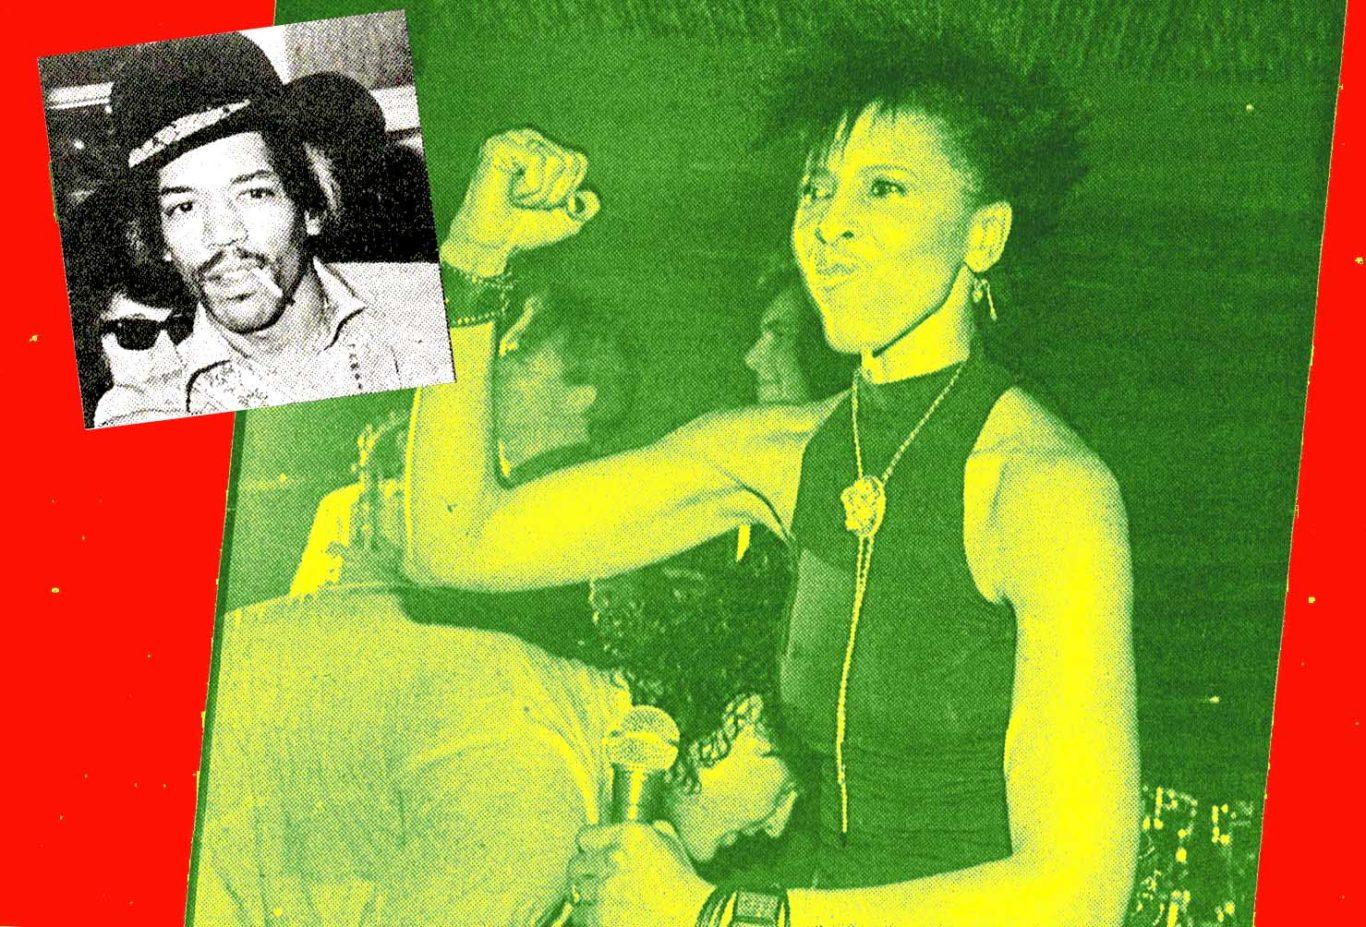 greg tate article jimi hendrix and Nona Hendrix pictured